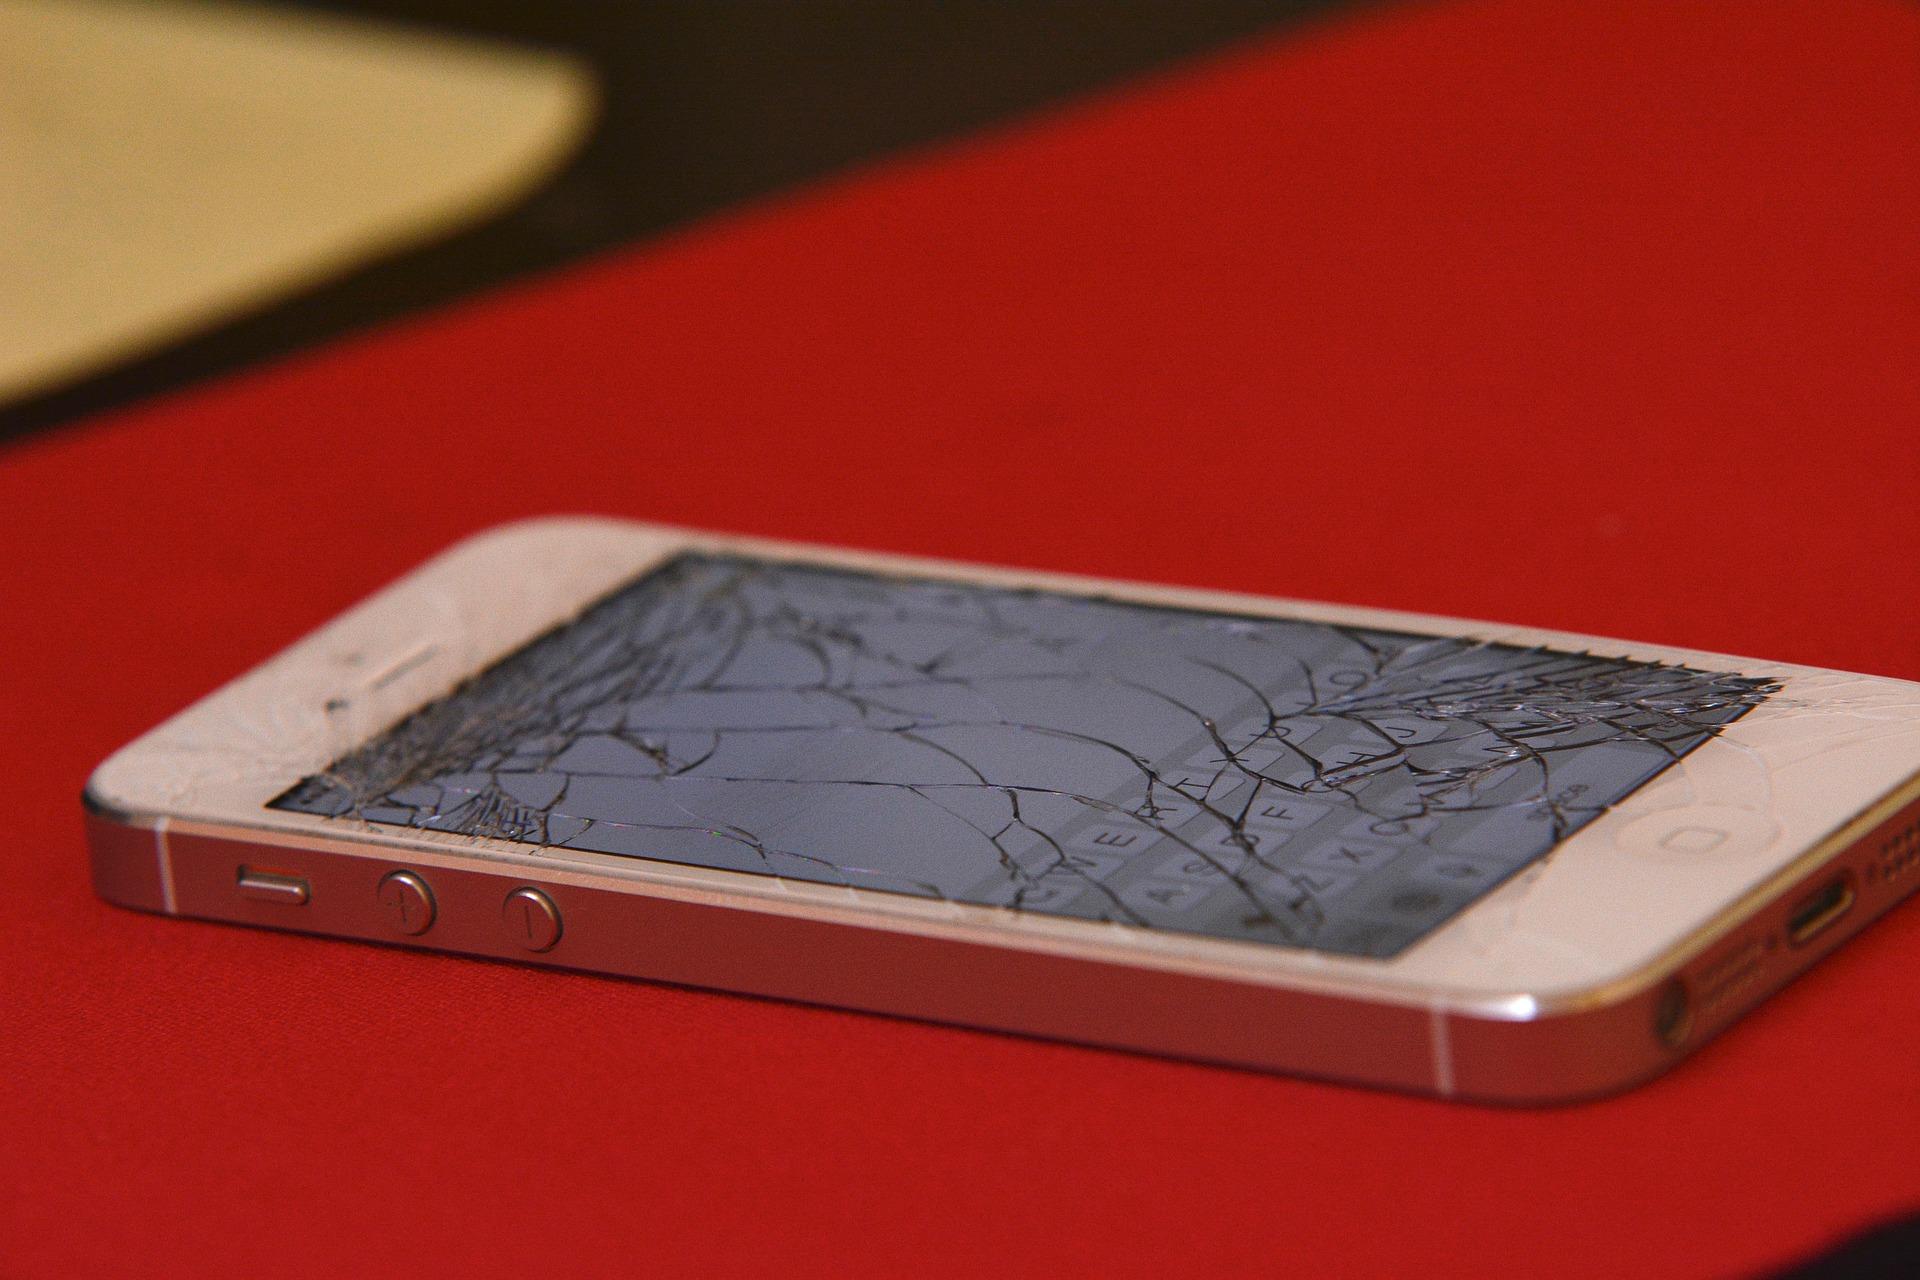 iresq iphone repair